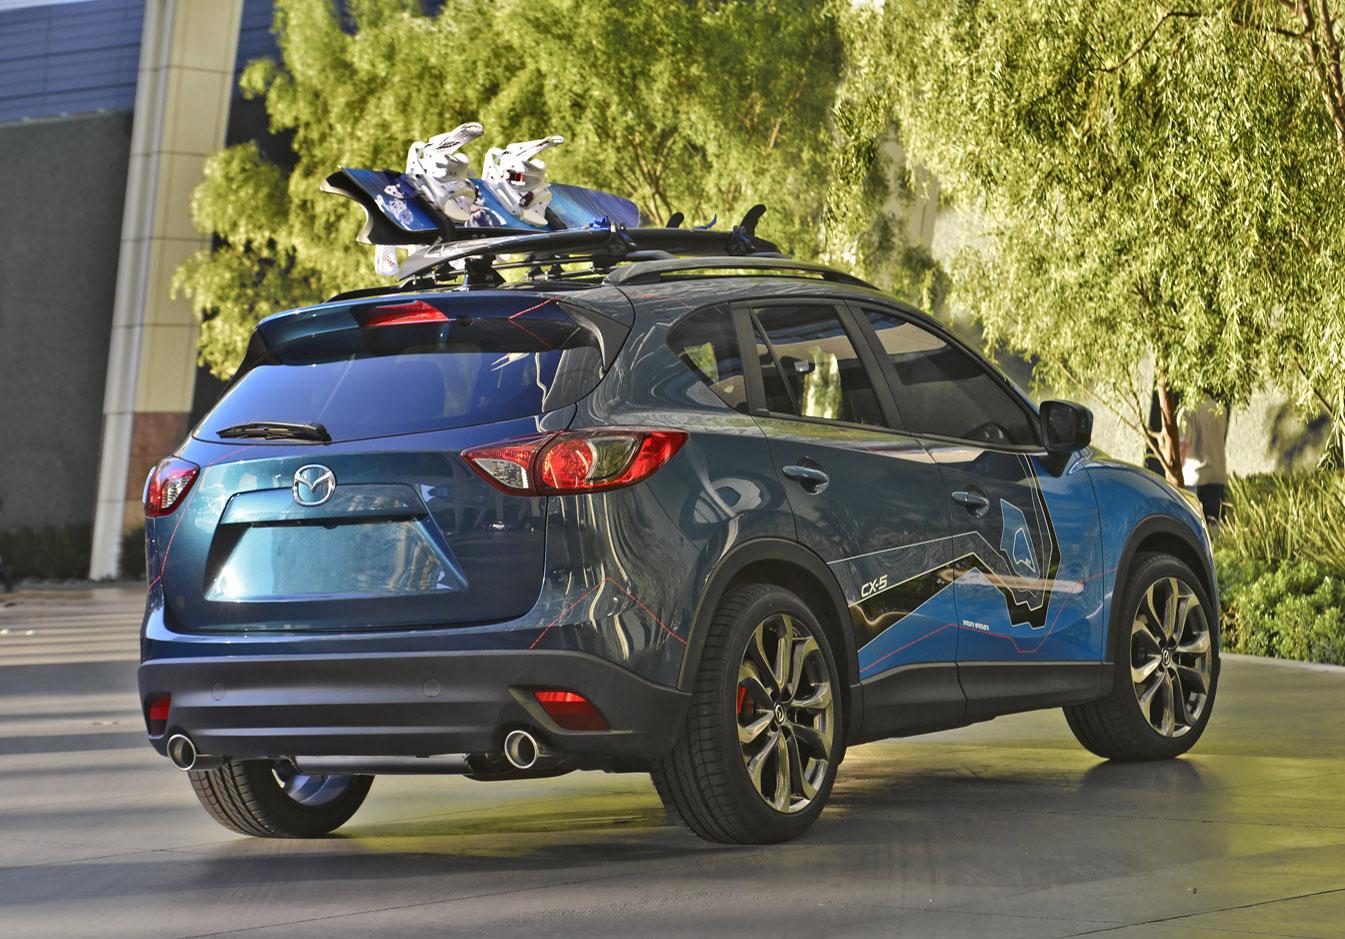 http://3.bp.blogspot.com/-uqjchOcdf9M/UR9TZpNqhEI/AAAAAAAAR4Q/yOc487IMowU/s1600/2013-Mazda-CX-5-180-rear-three-quarter-1.jpg